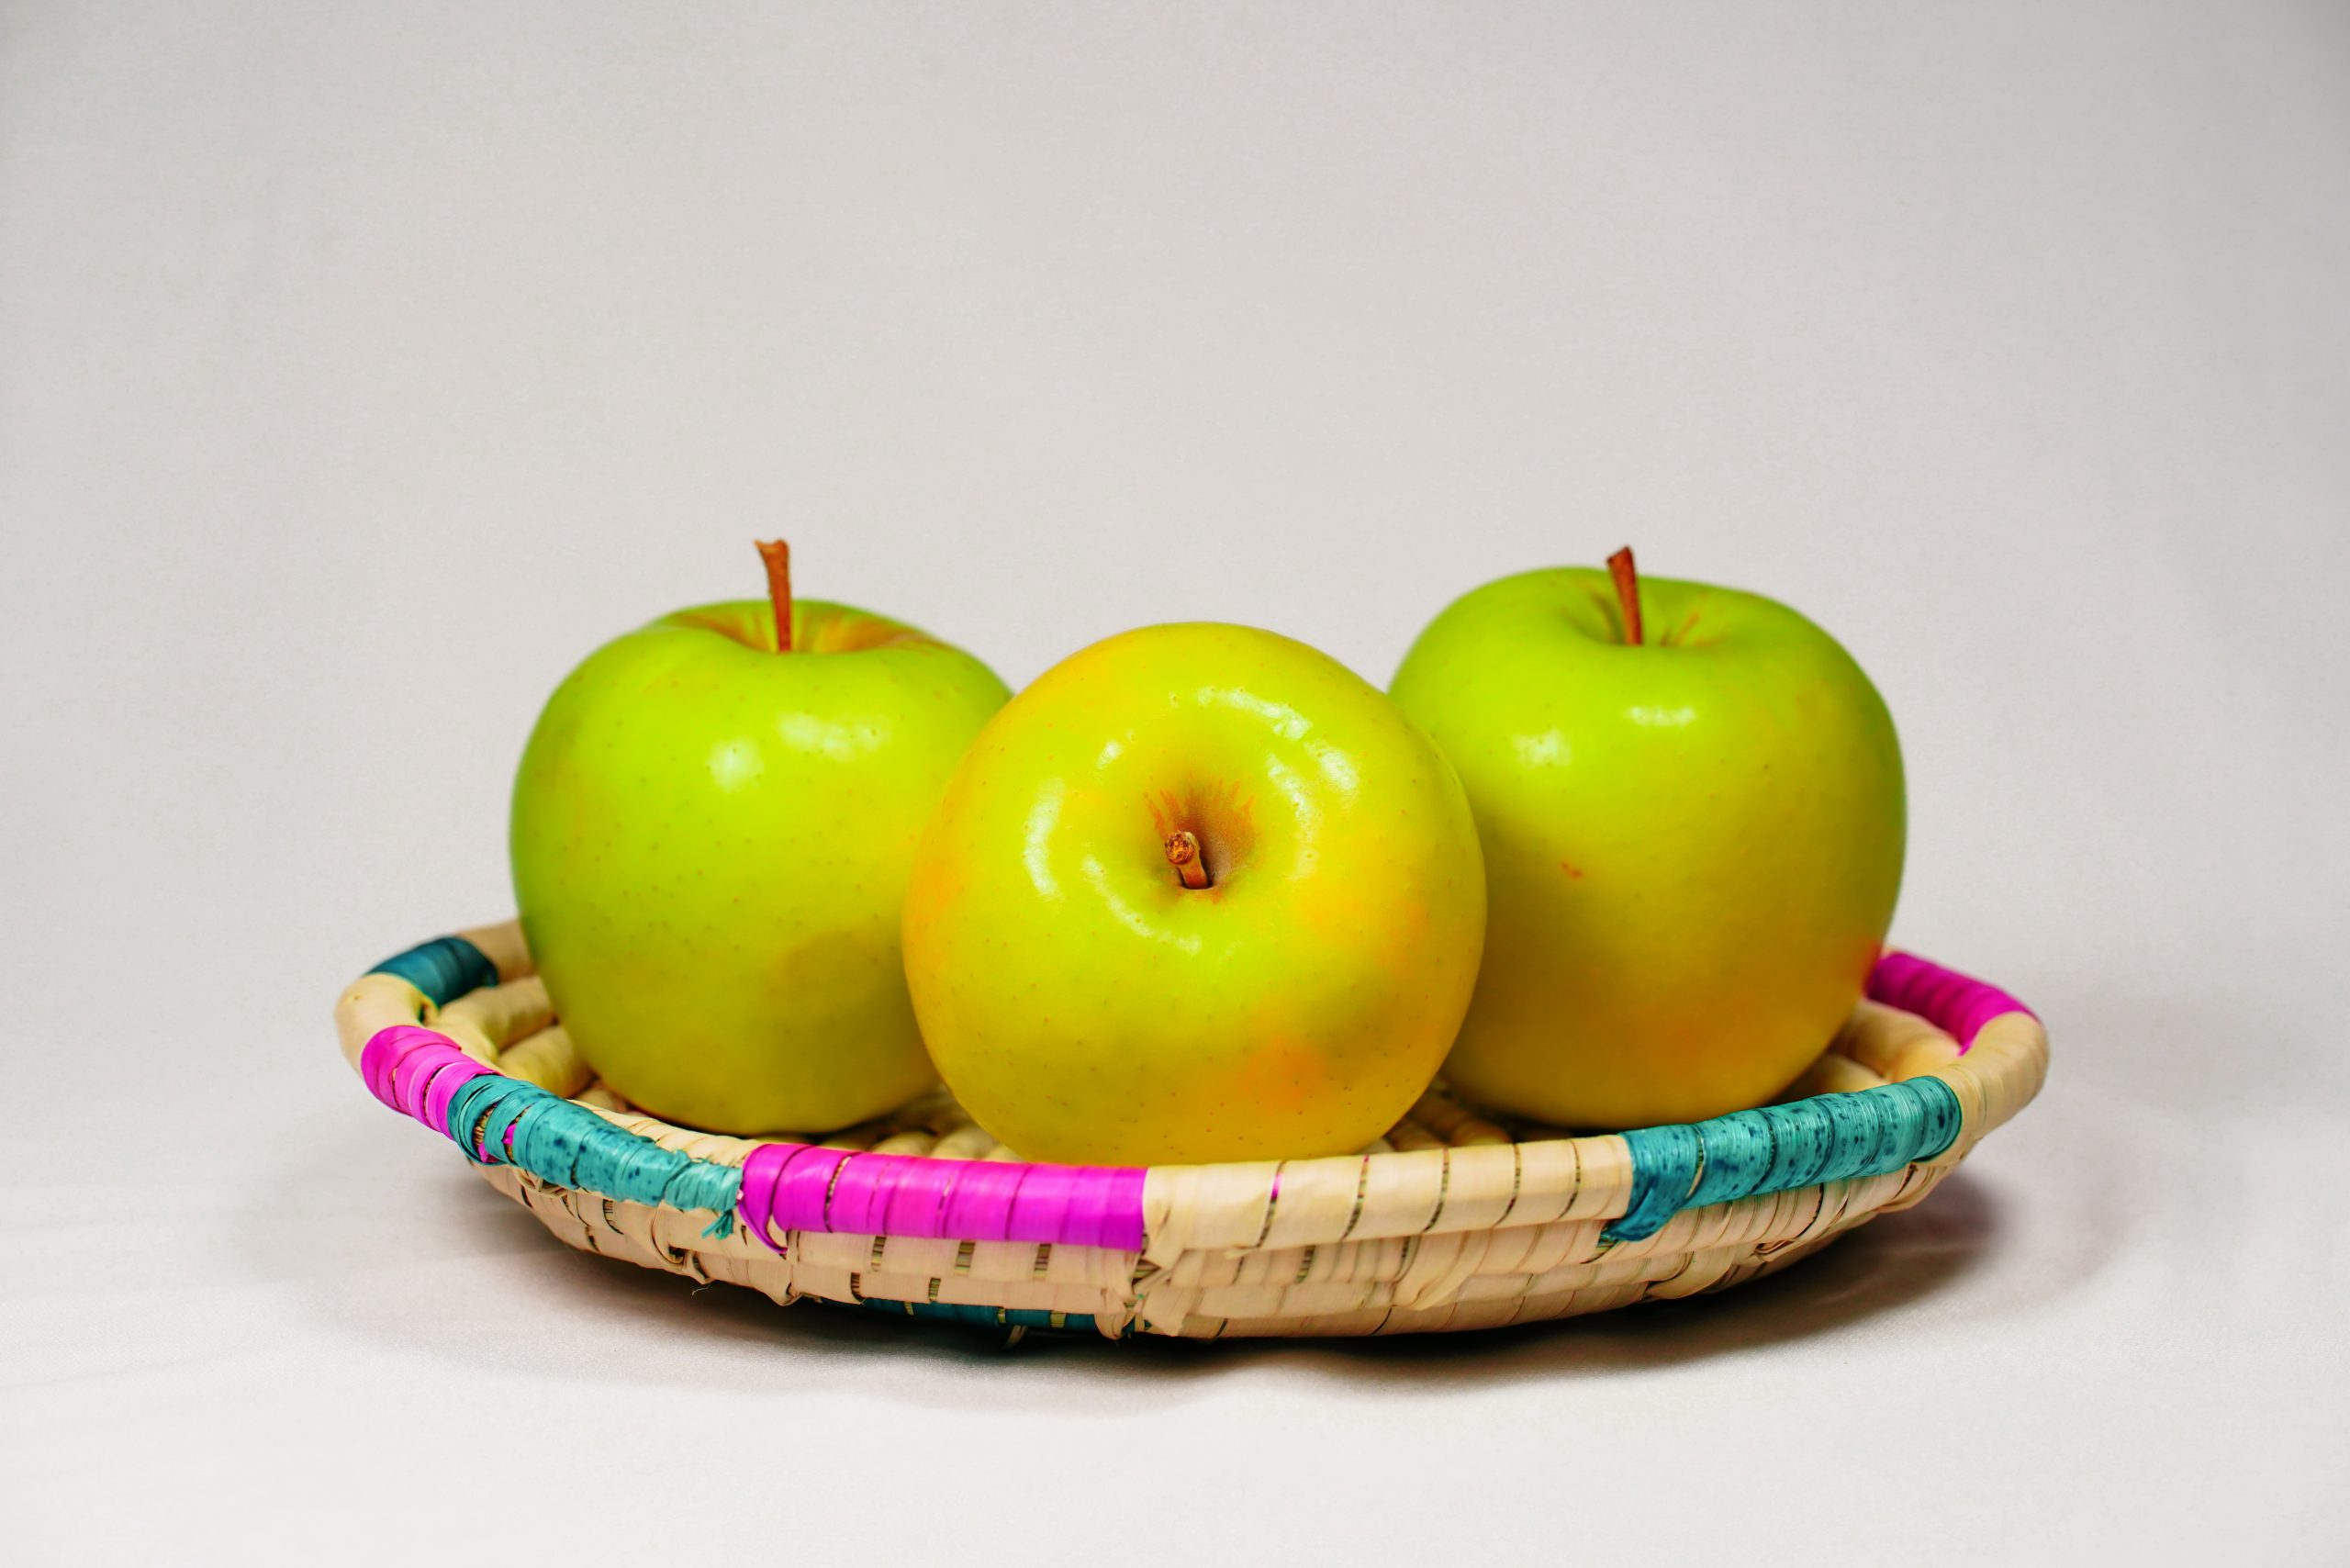 Golden apples in a basket